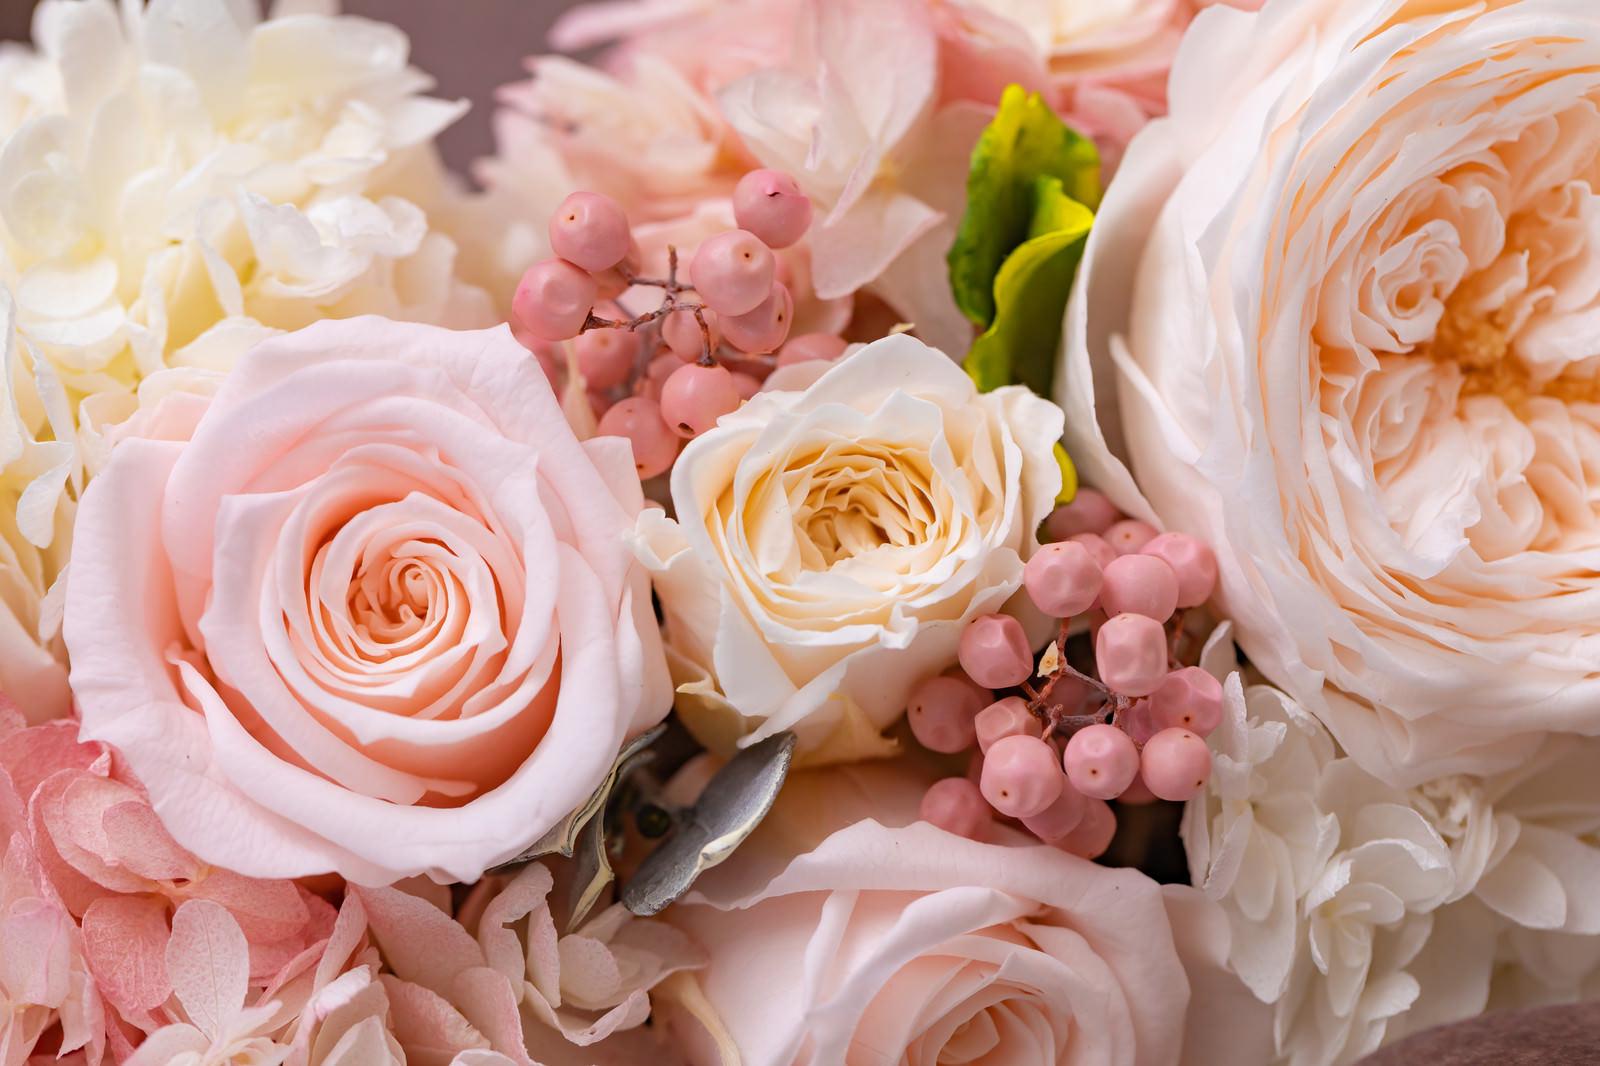 「お祝いの気持ちで贈る花束」の写真